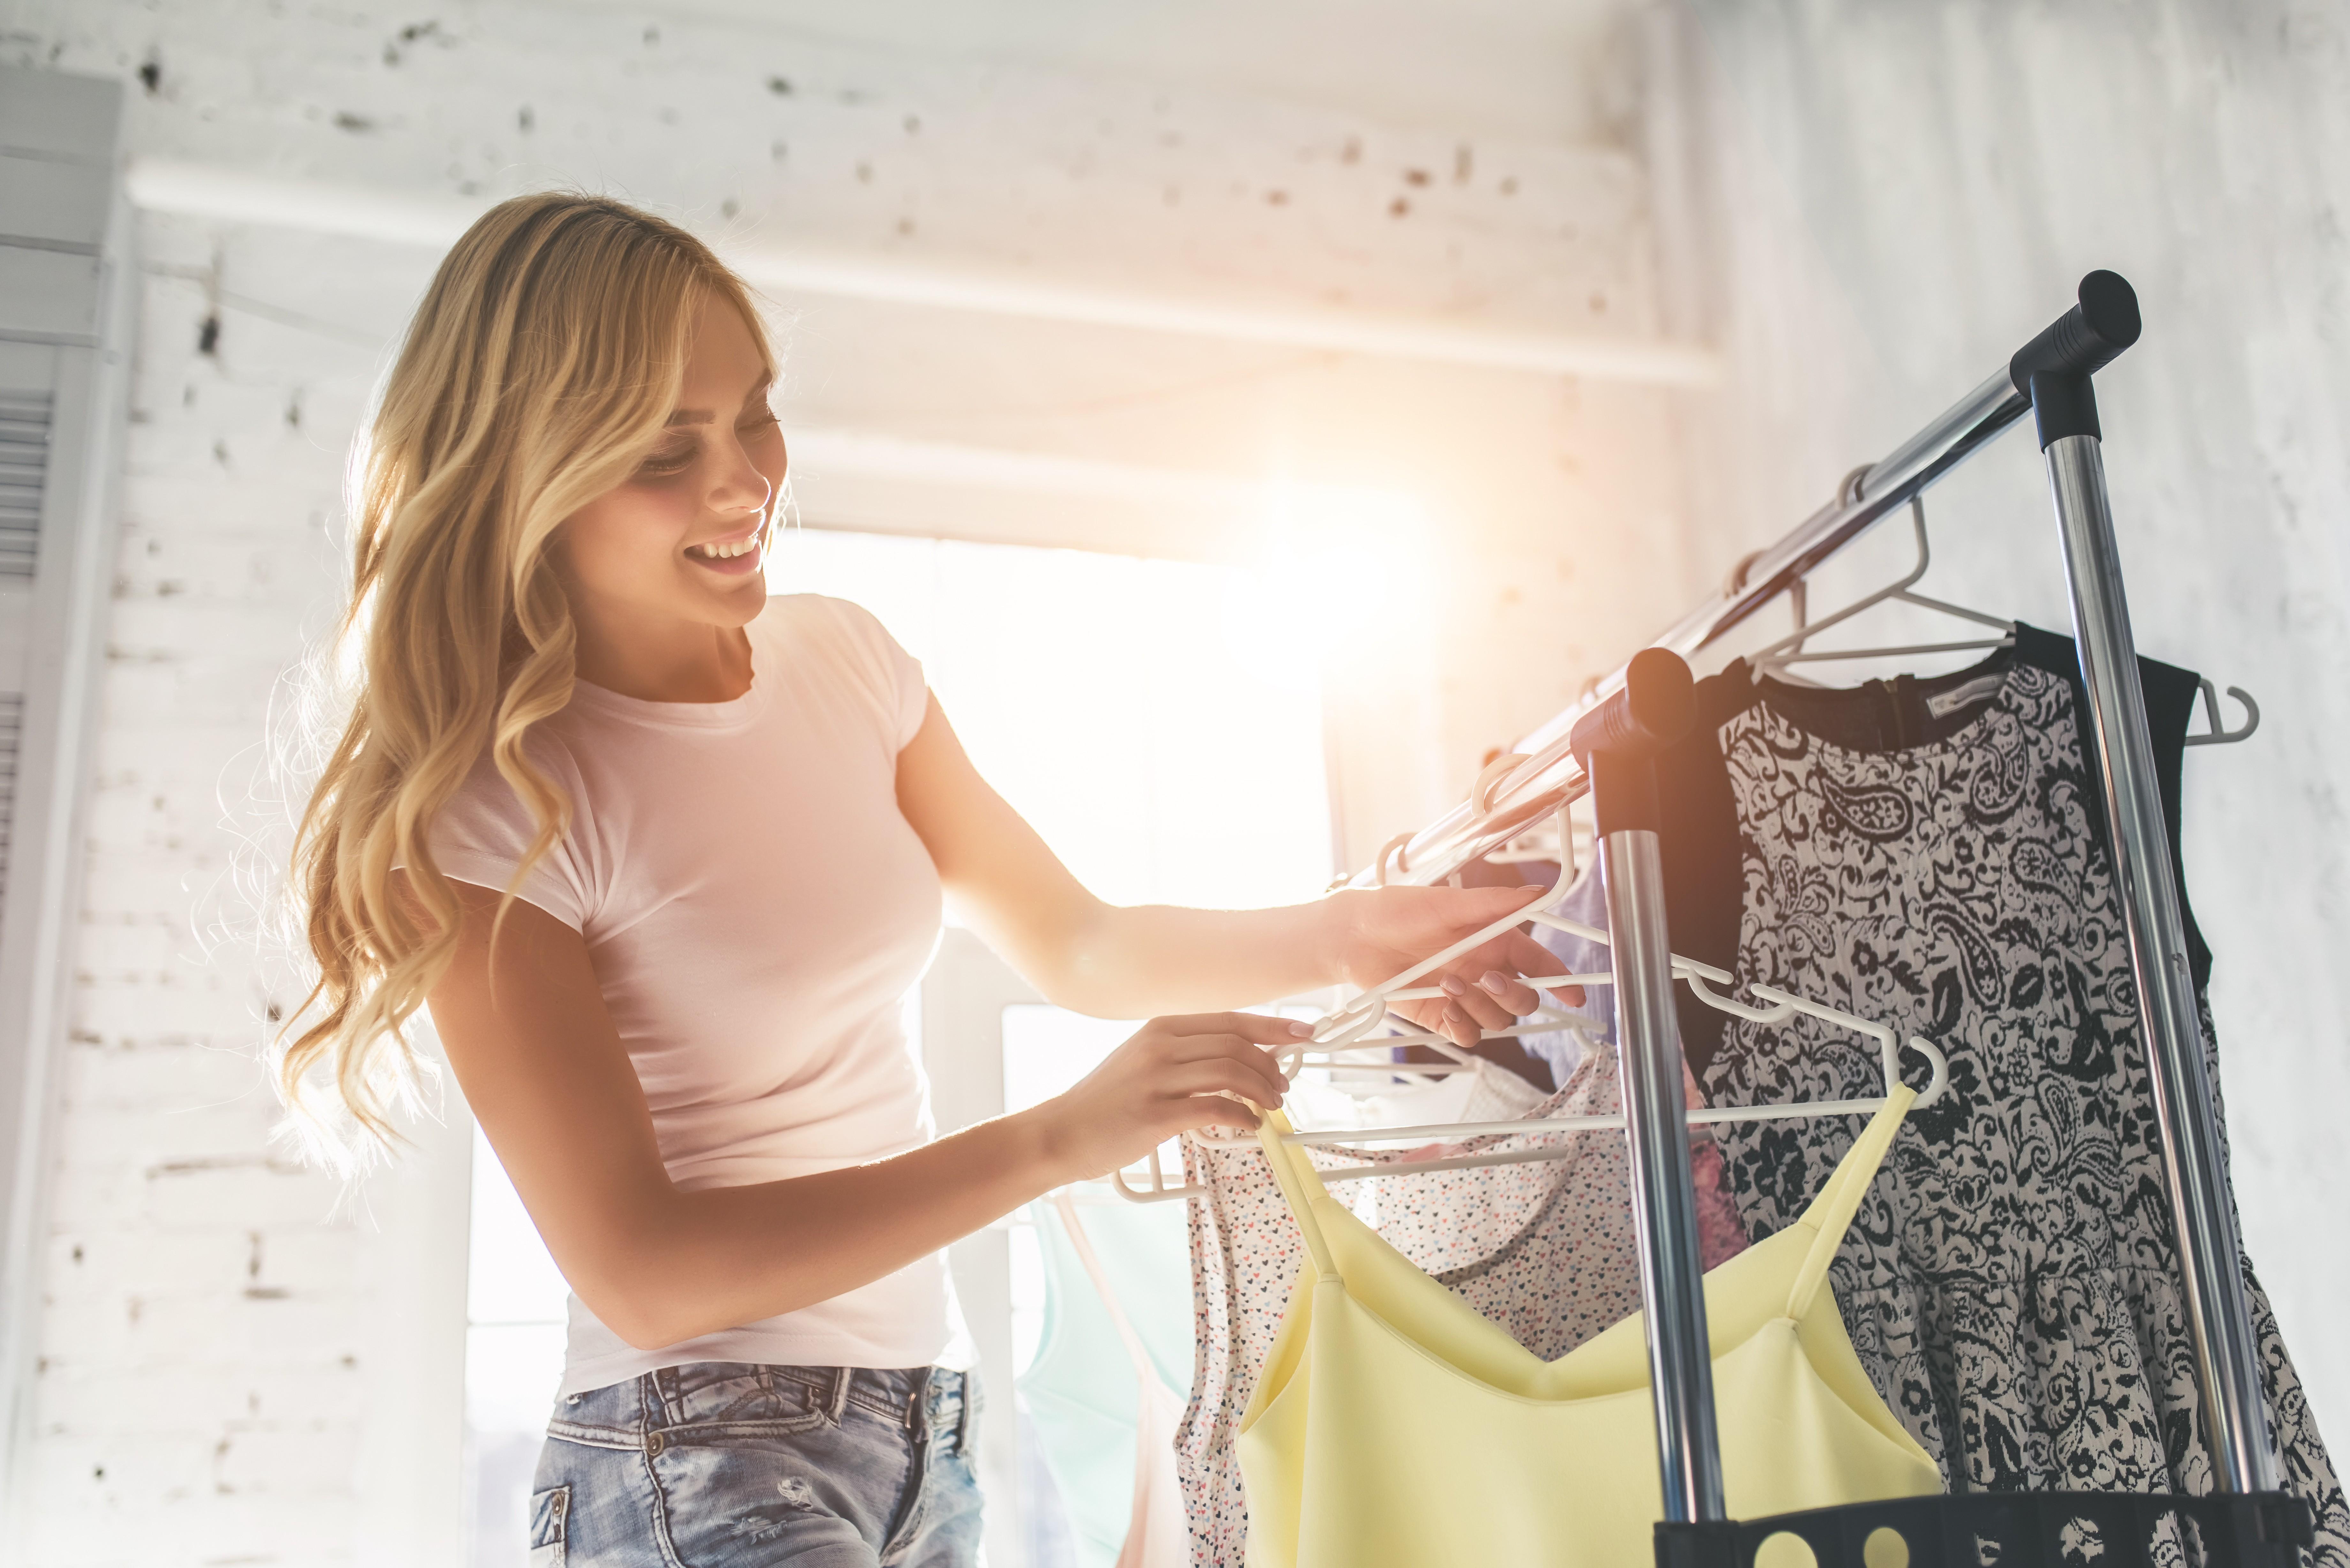 Confira dicas para manter suas roupas perfumadas dentro do guarda-roupa (Foto: Thinkstock)